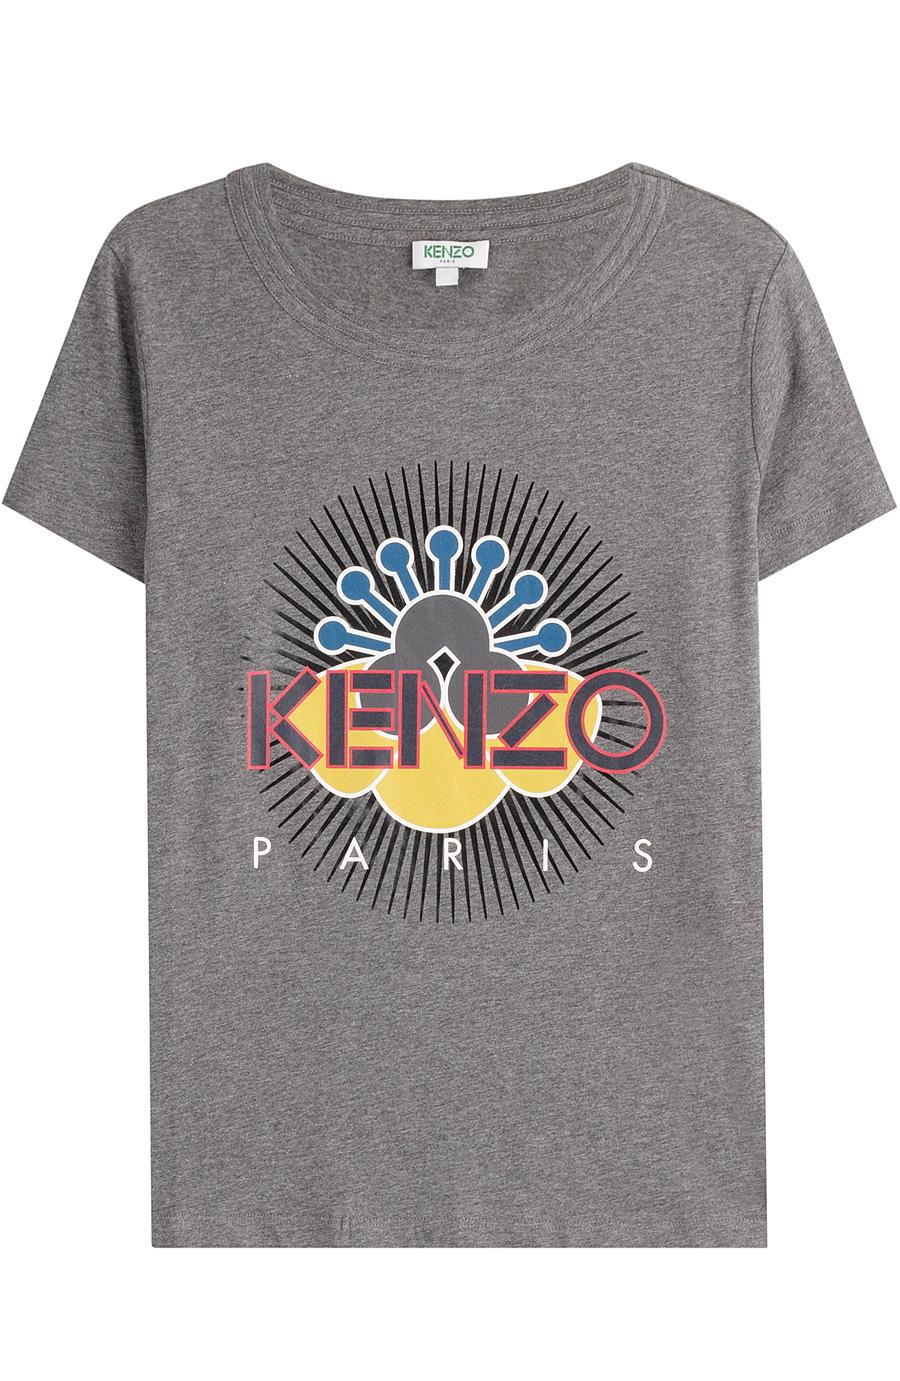 KENZO GRAPHIC TEE